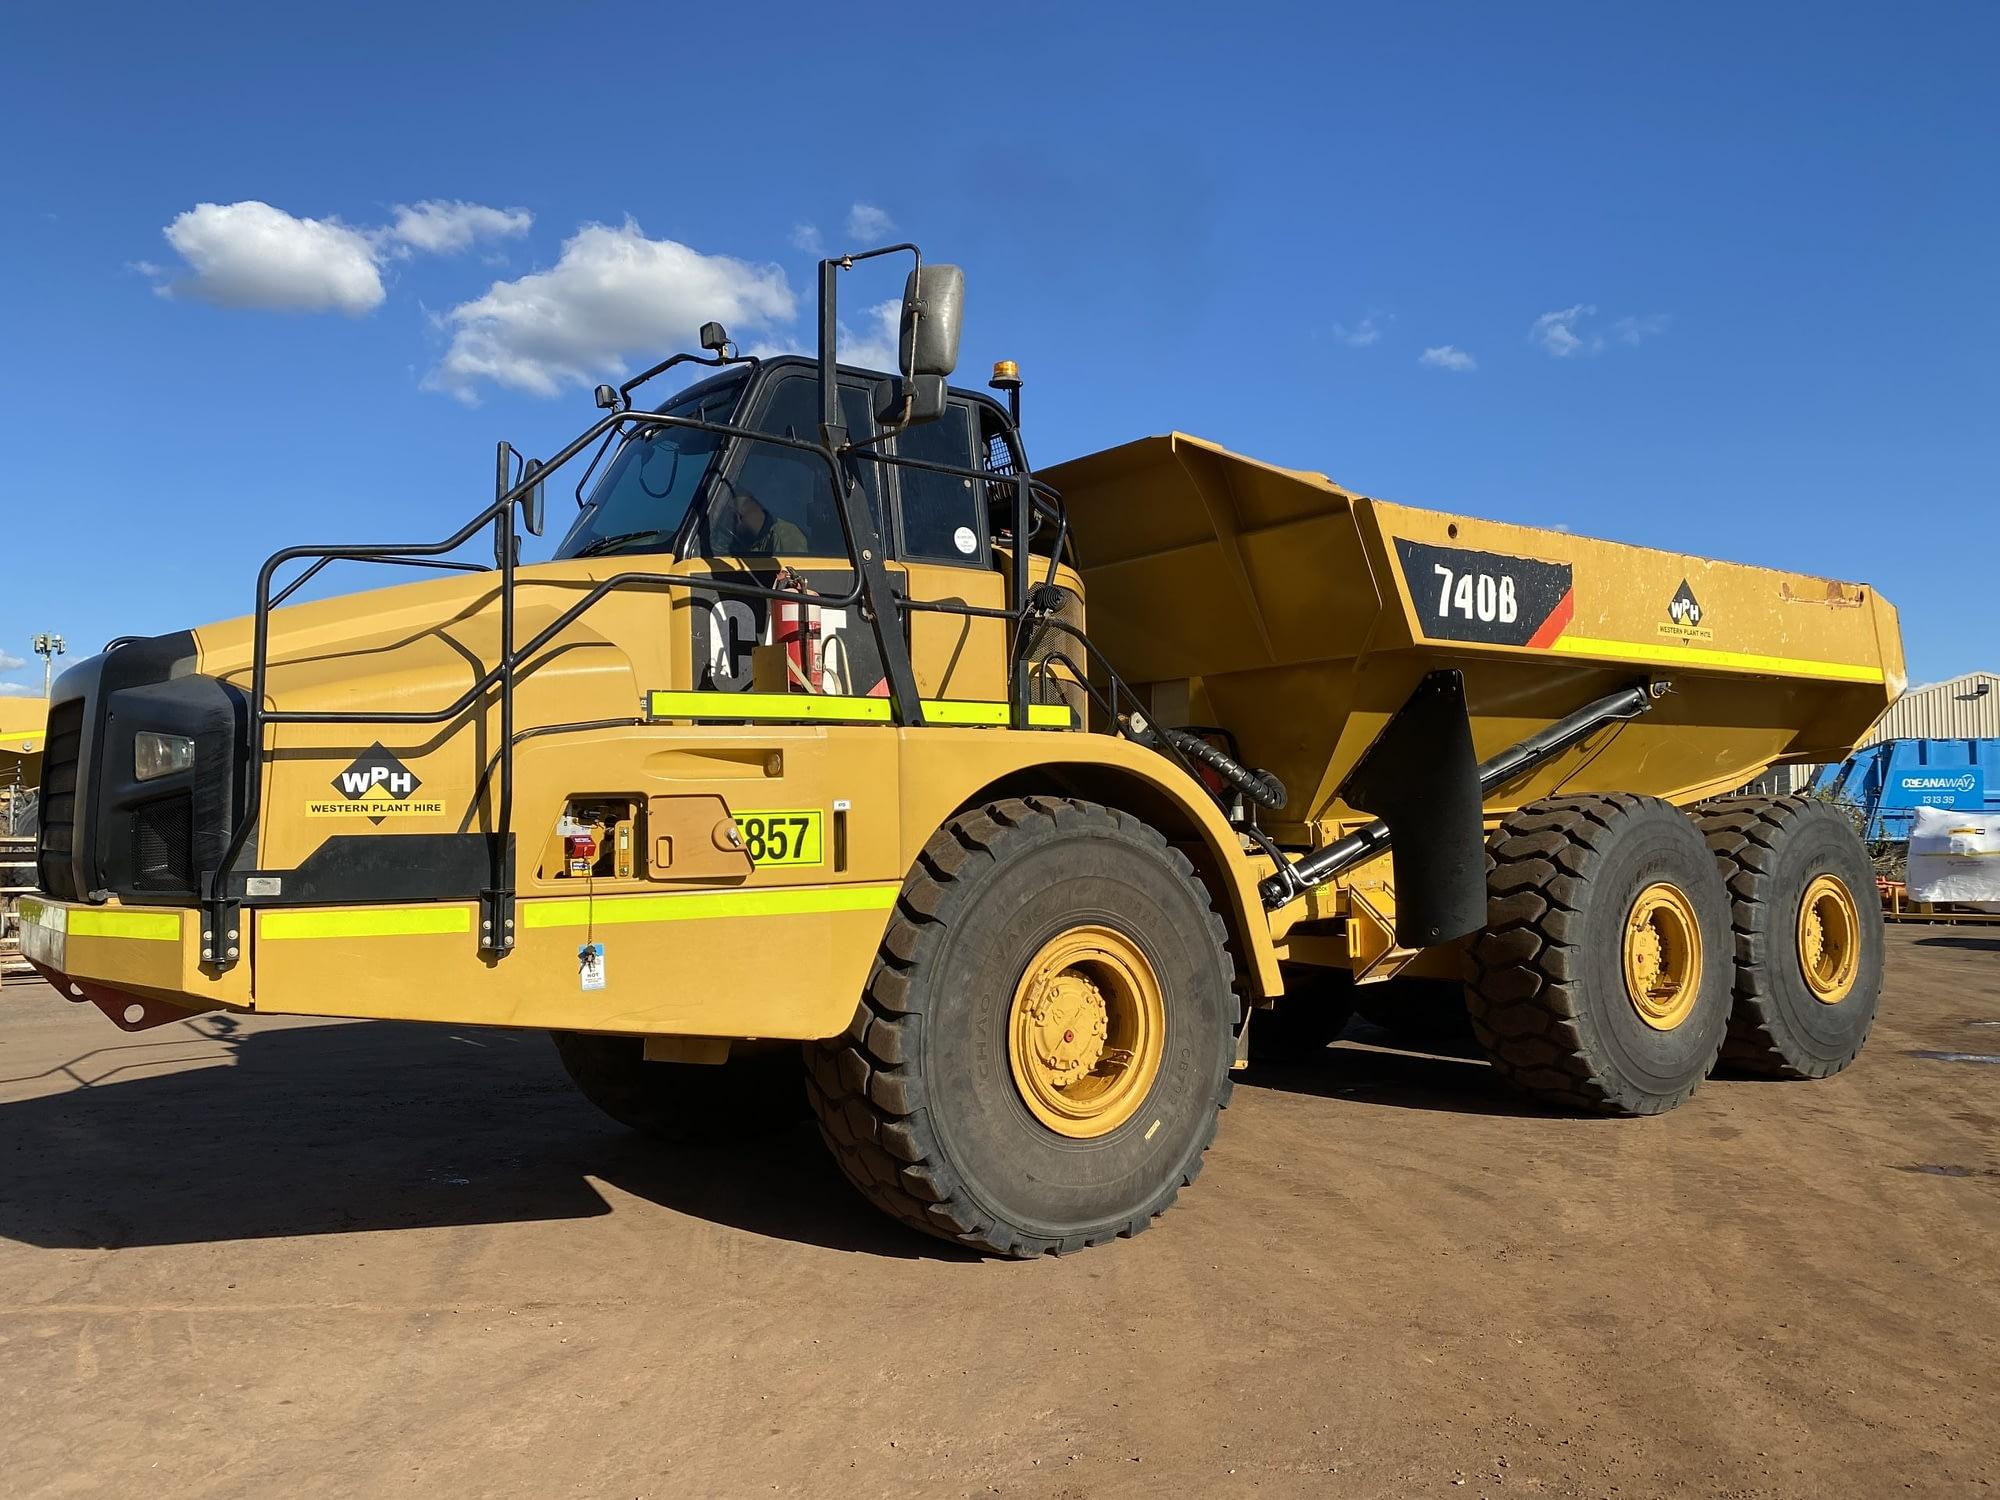 Caterpillar 740B Articulated Dump Truck